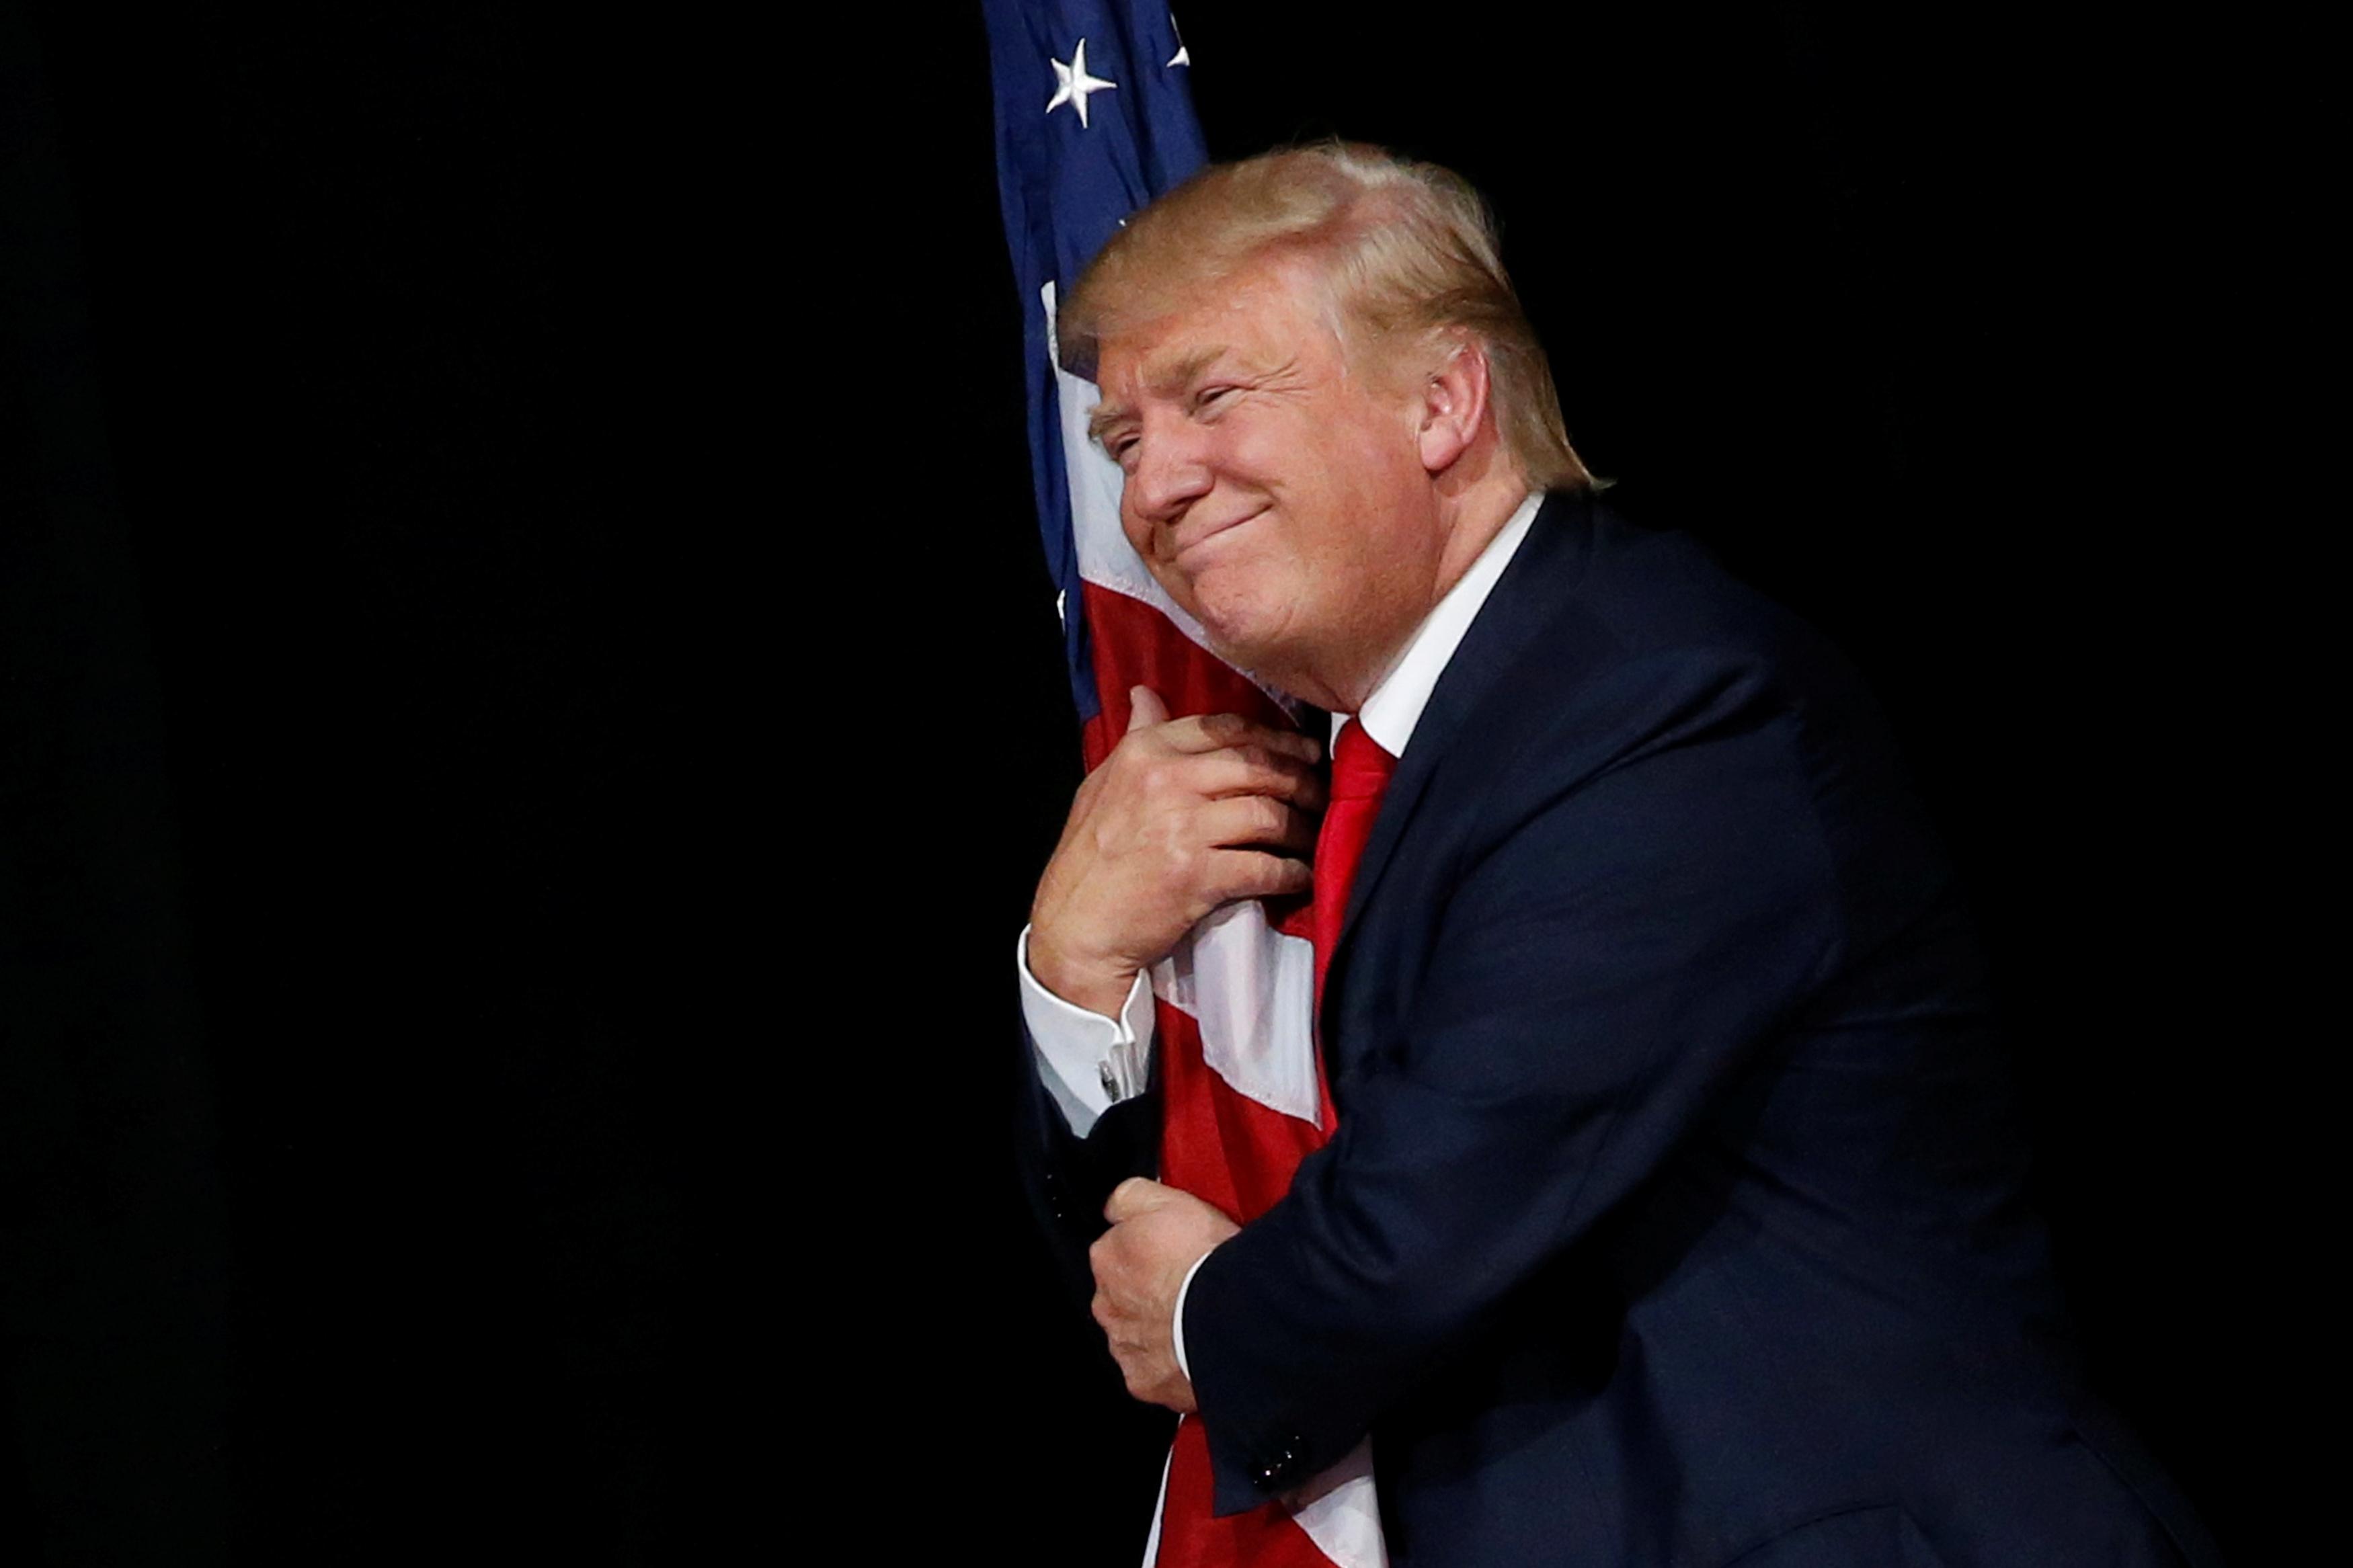 Image result for Trump hugging flag